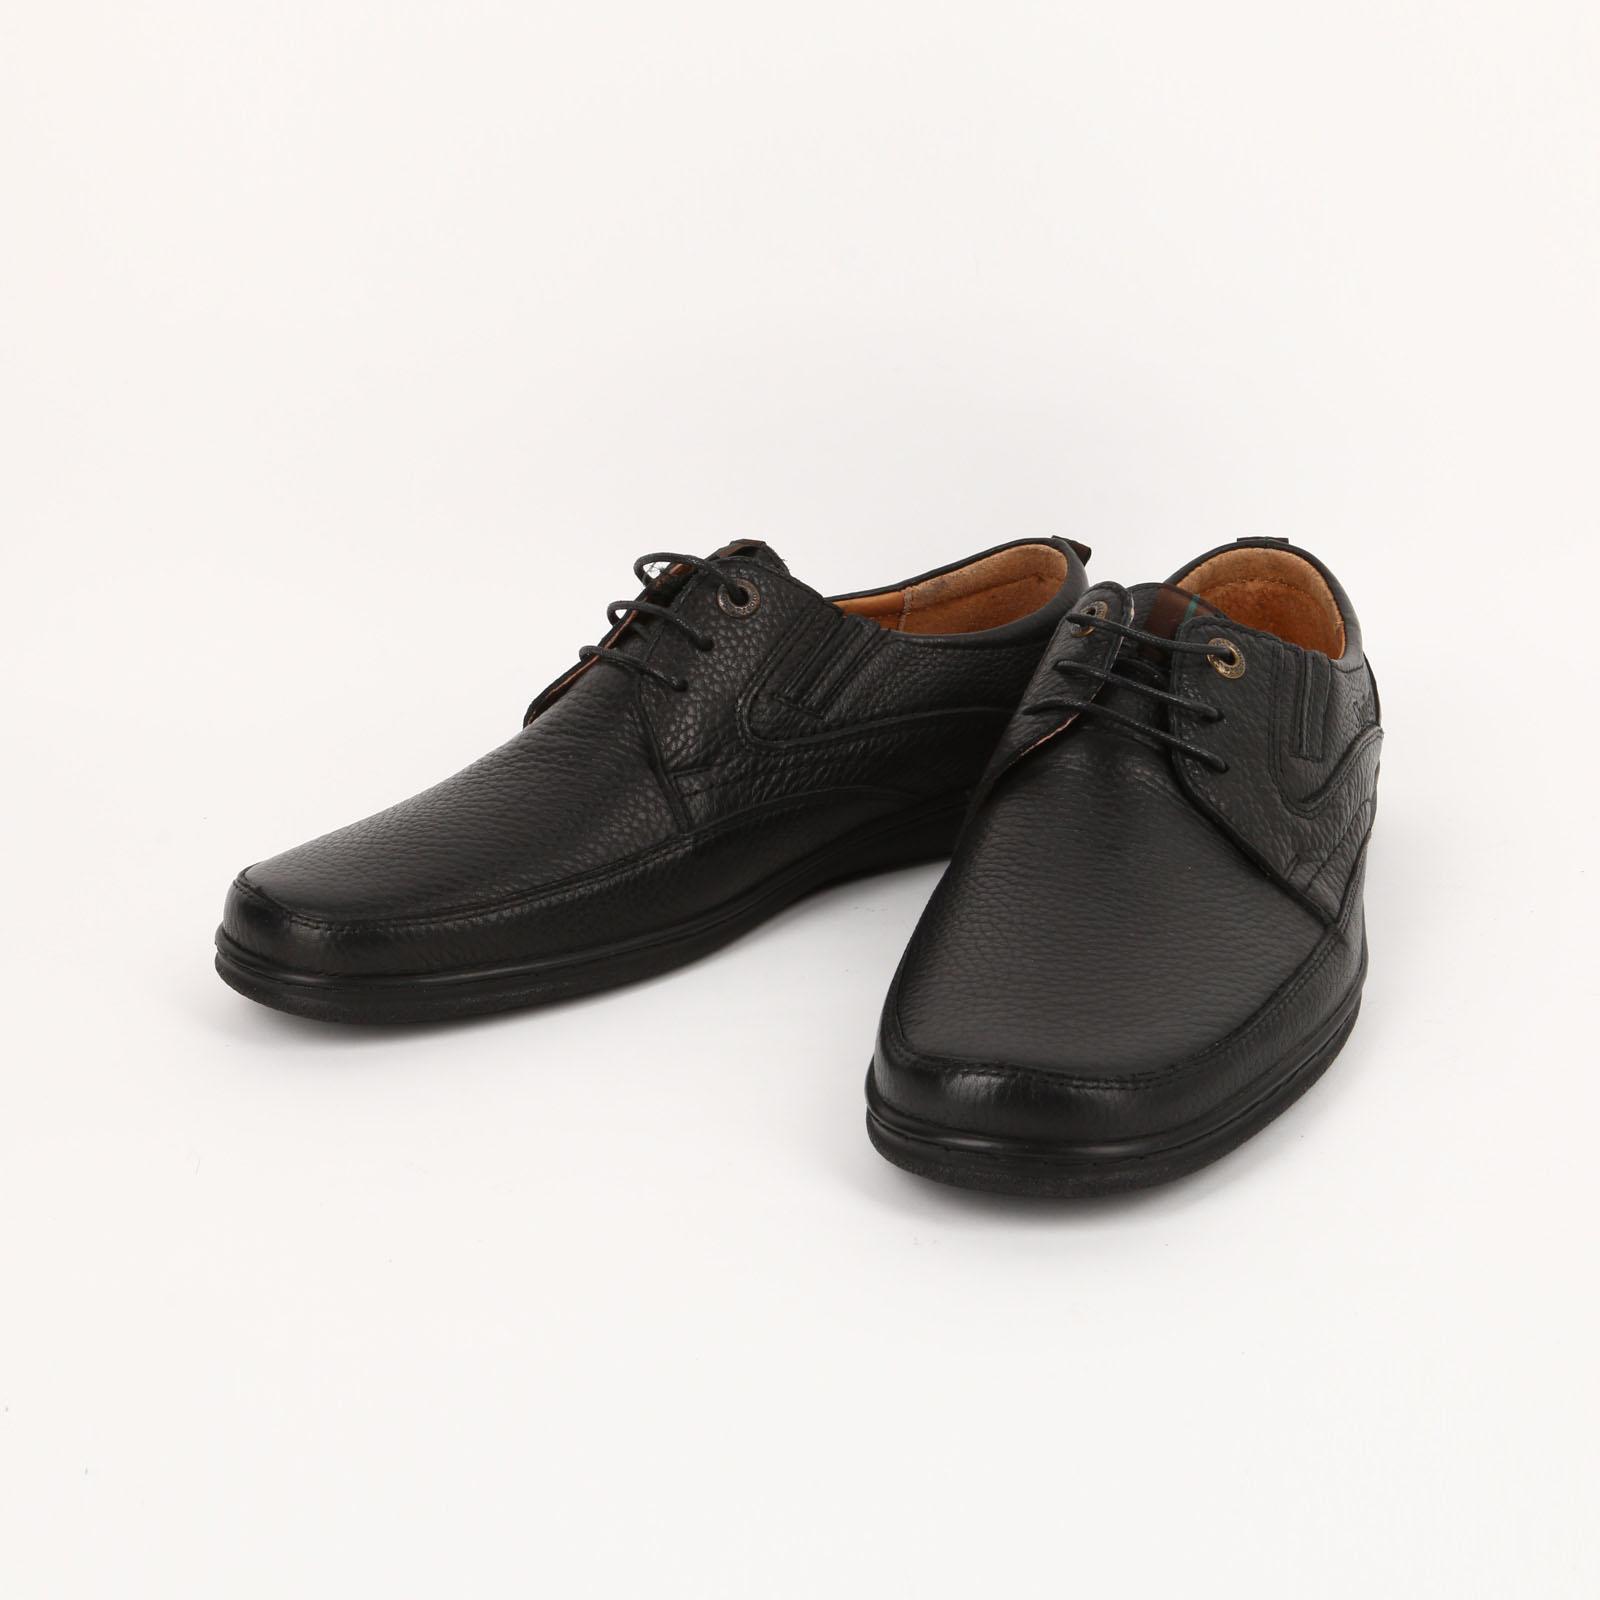 Мужские полуботинки со шнуровкой